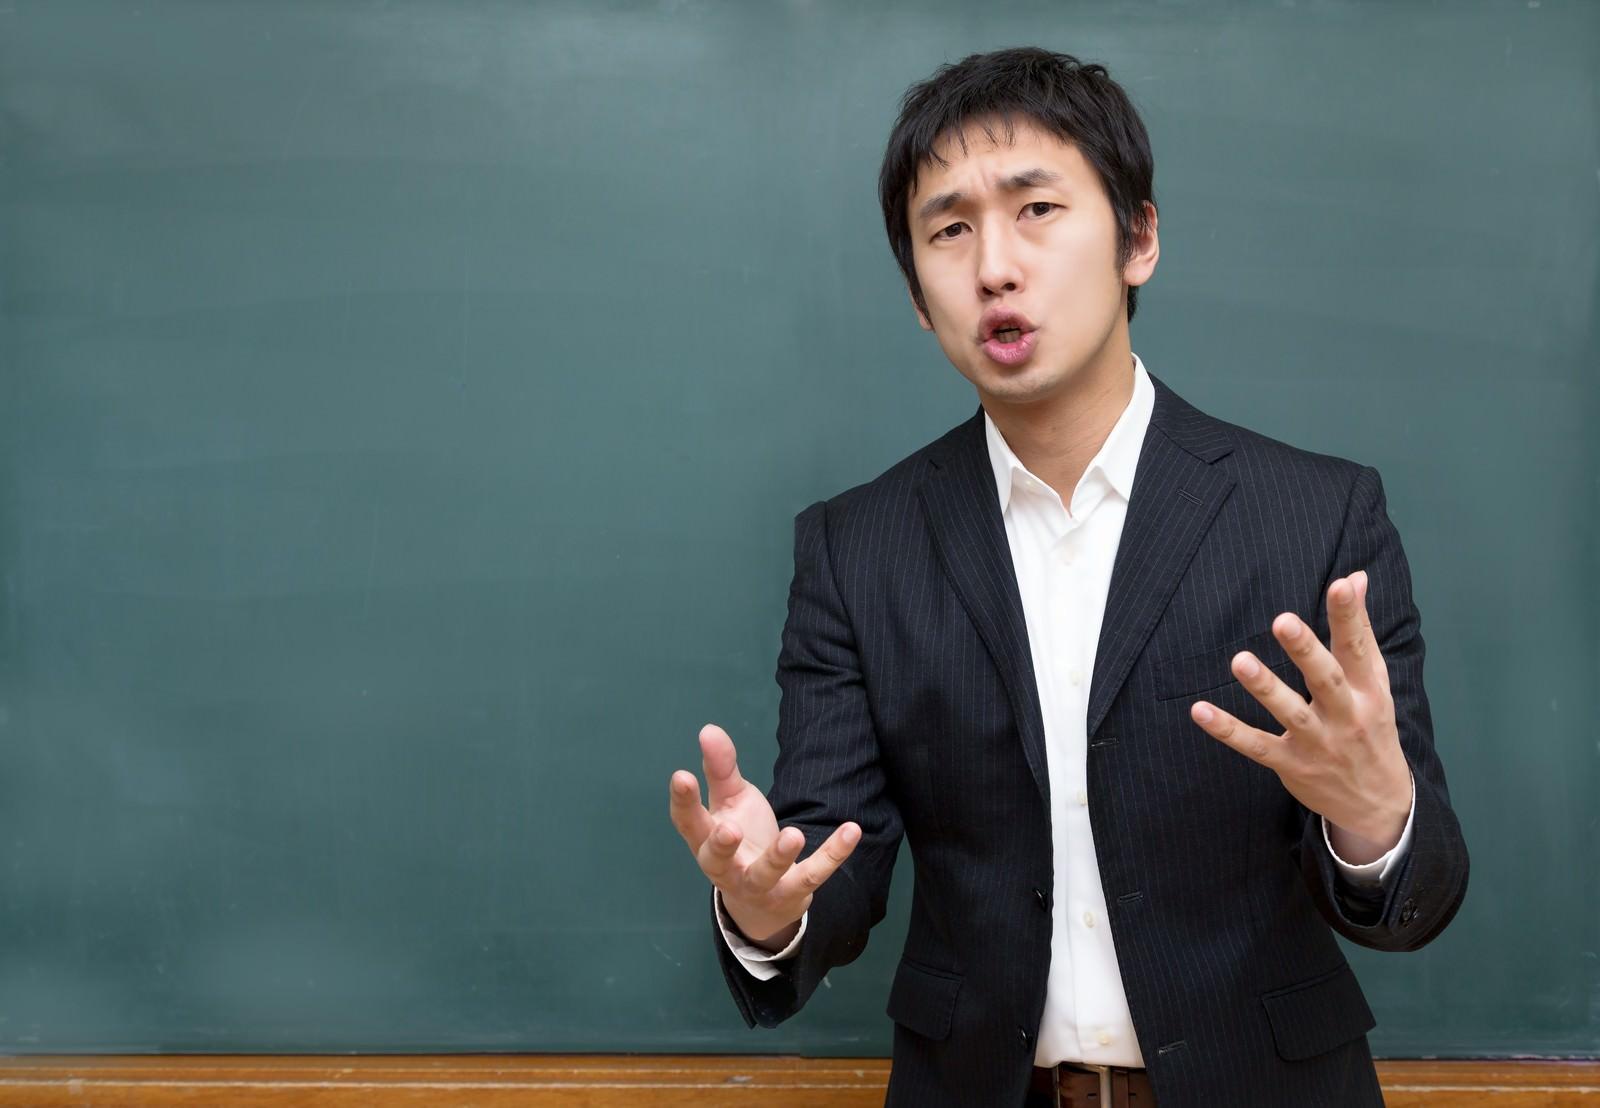 「黒板の前で思いを伝える塾の講師」の写真[モデル:大川竜弥]